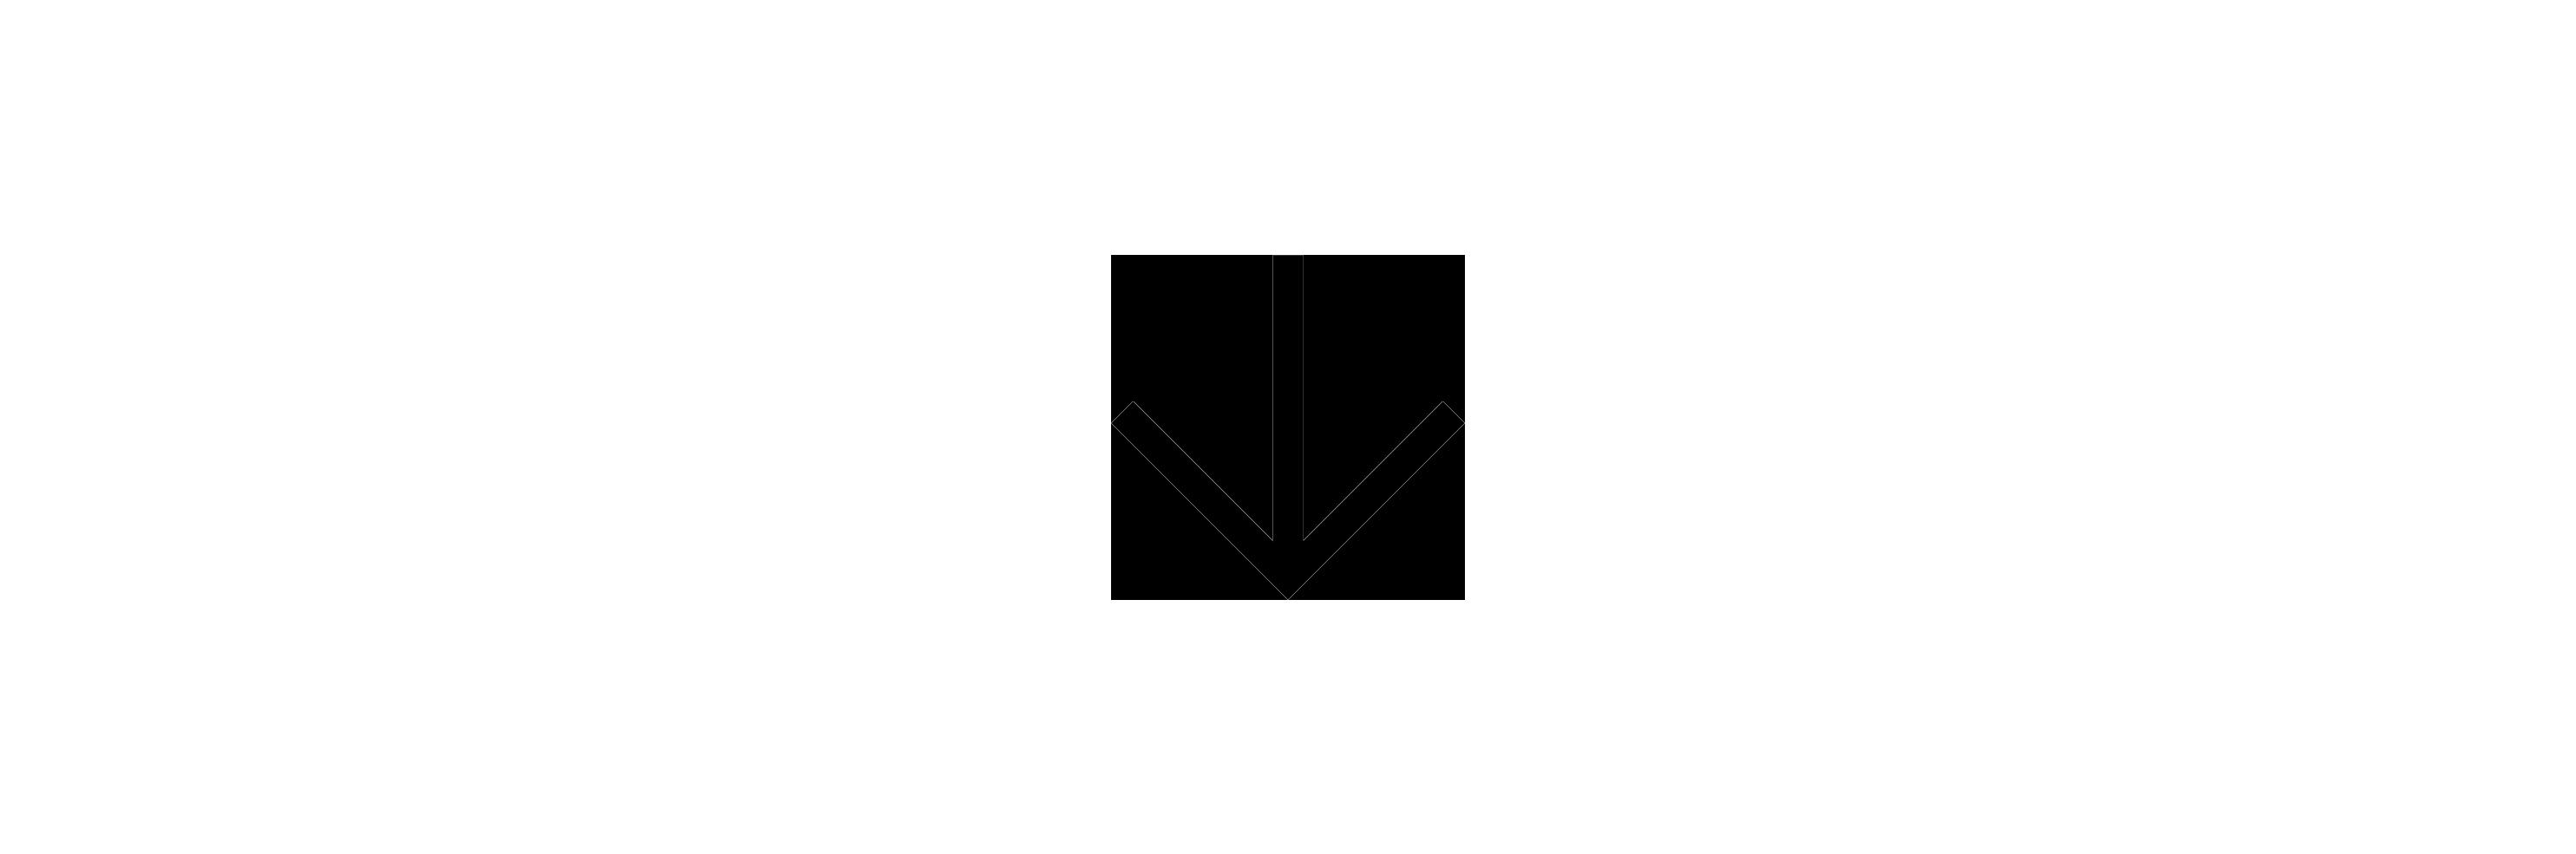 pijl-omlaag-01-zwart